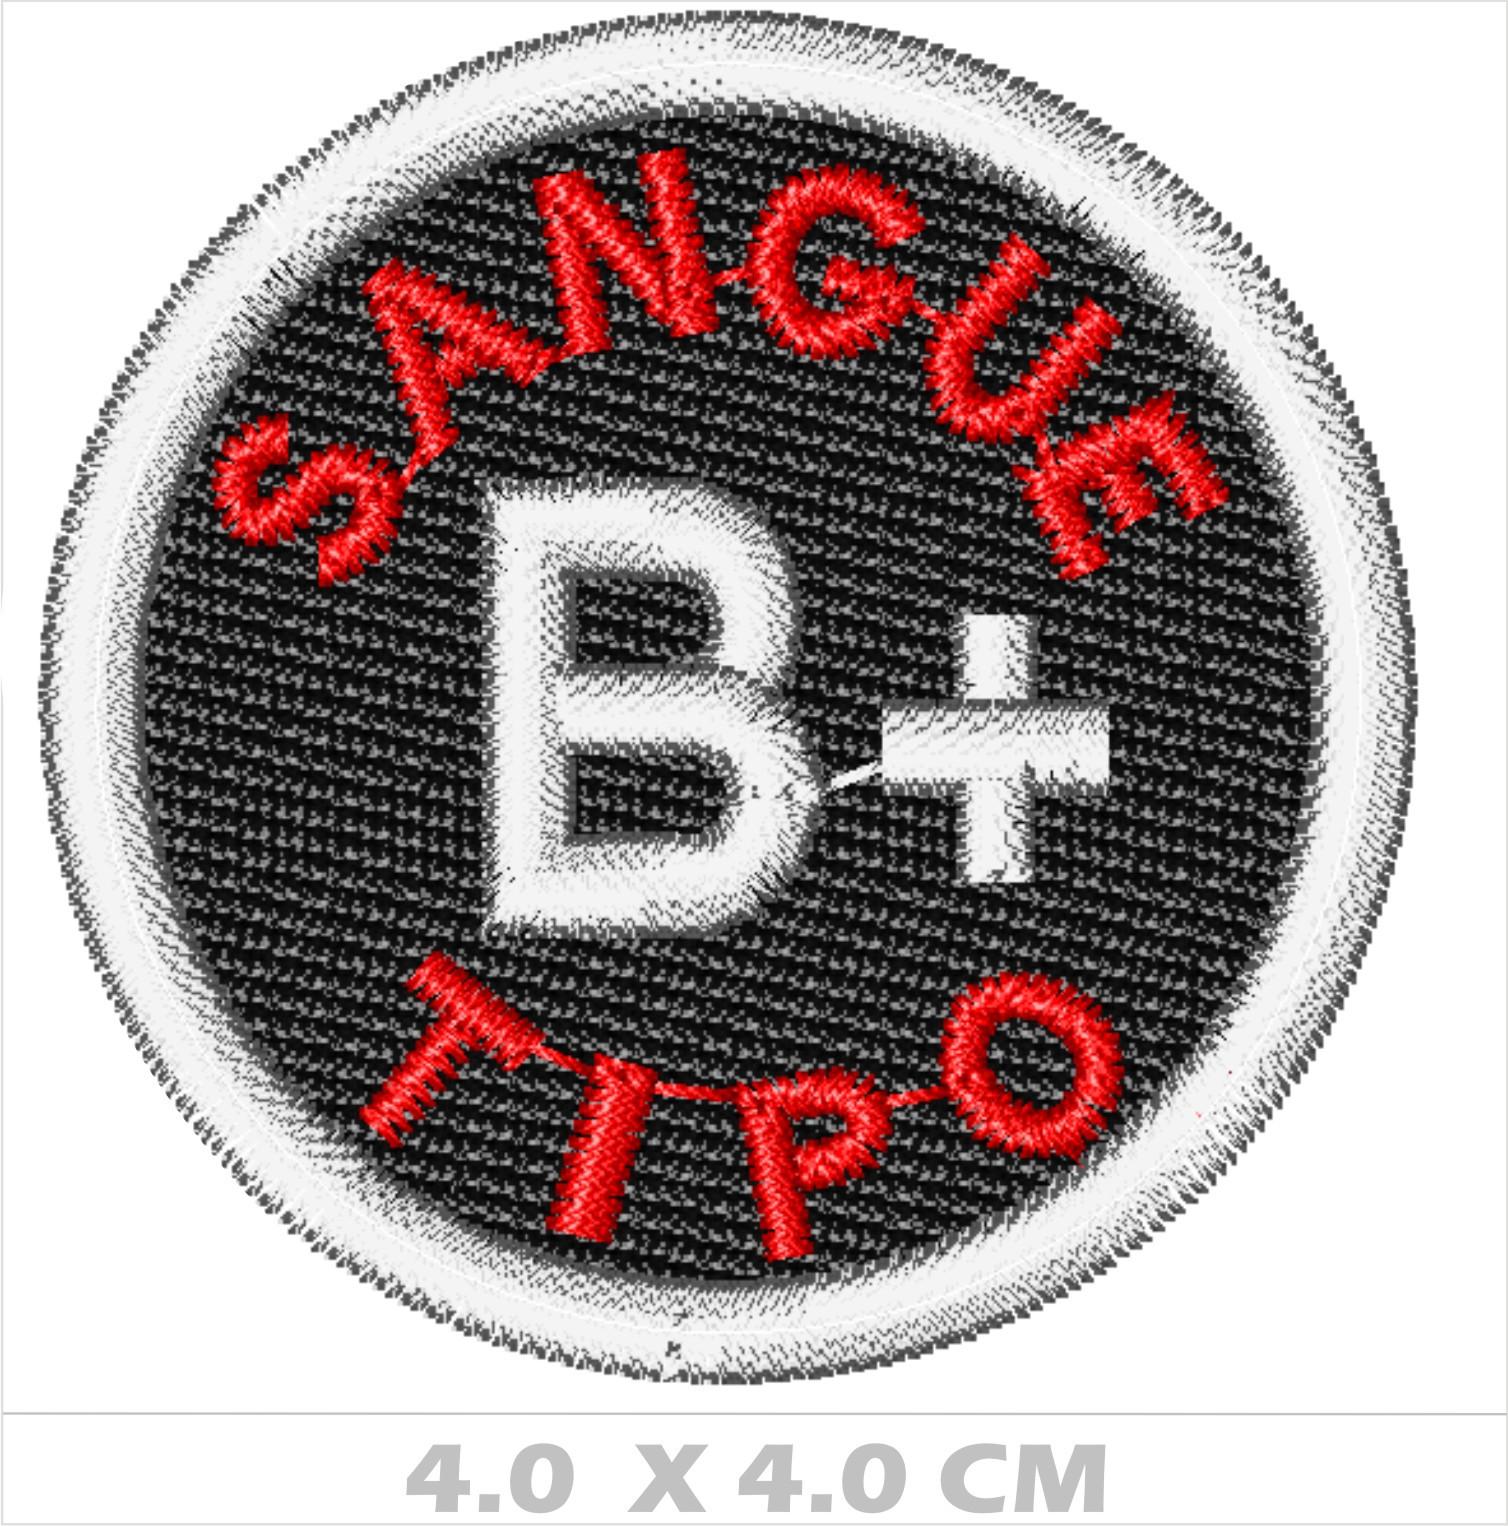 WA01-00002 - BORDADO TIPO SANGUE REDONDO B+